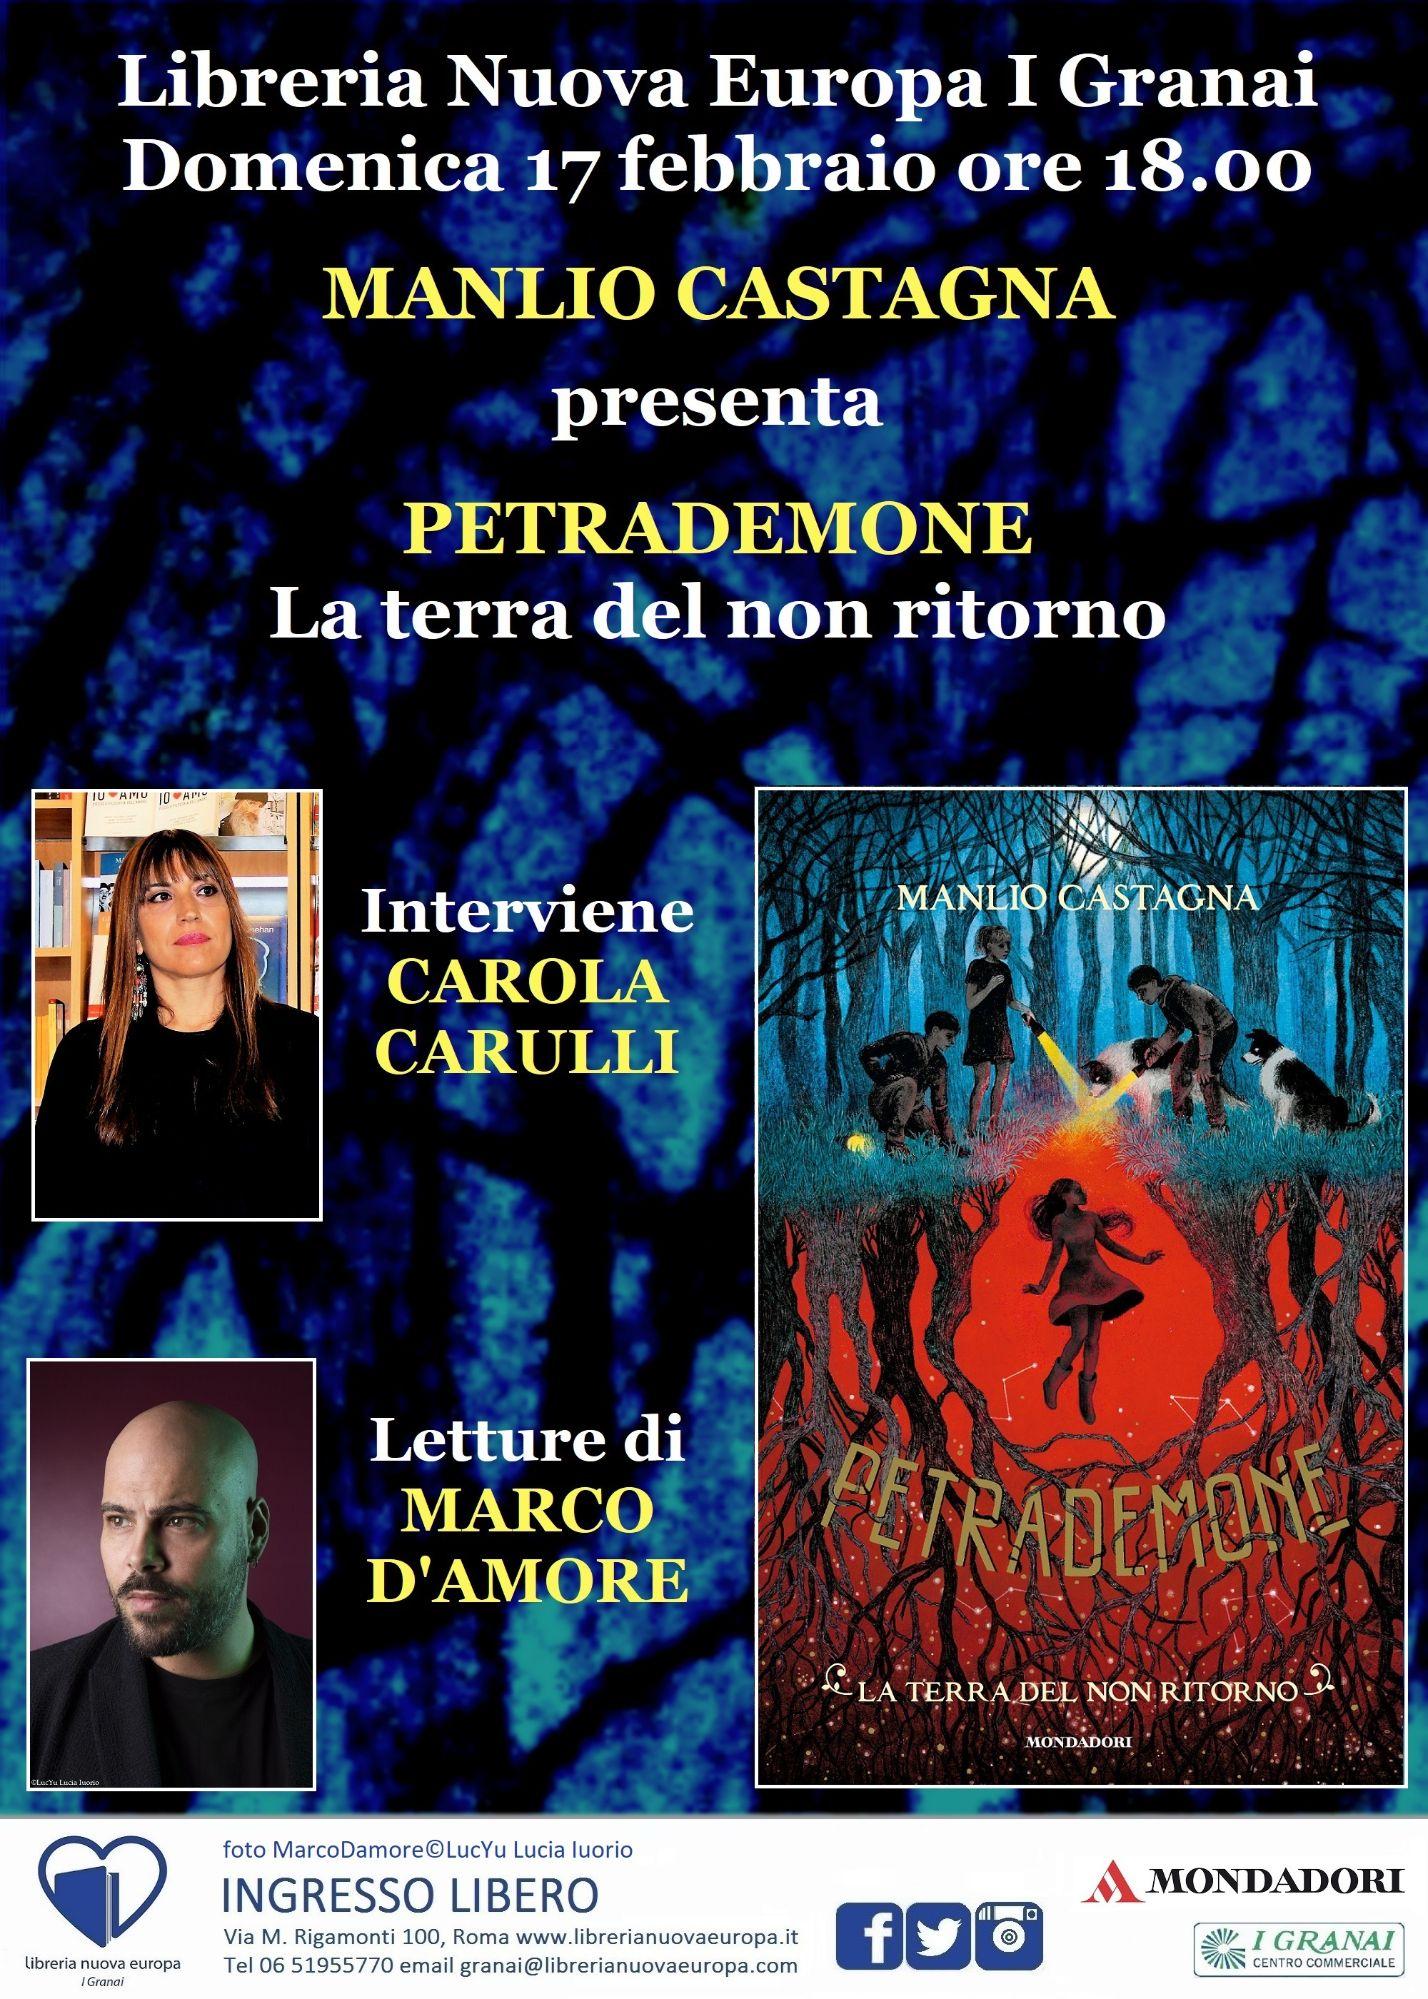 Manlio Castagna: